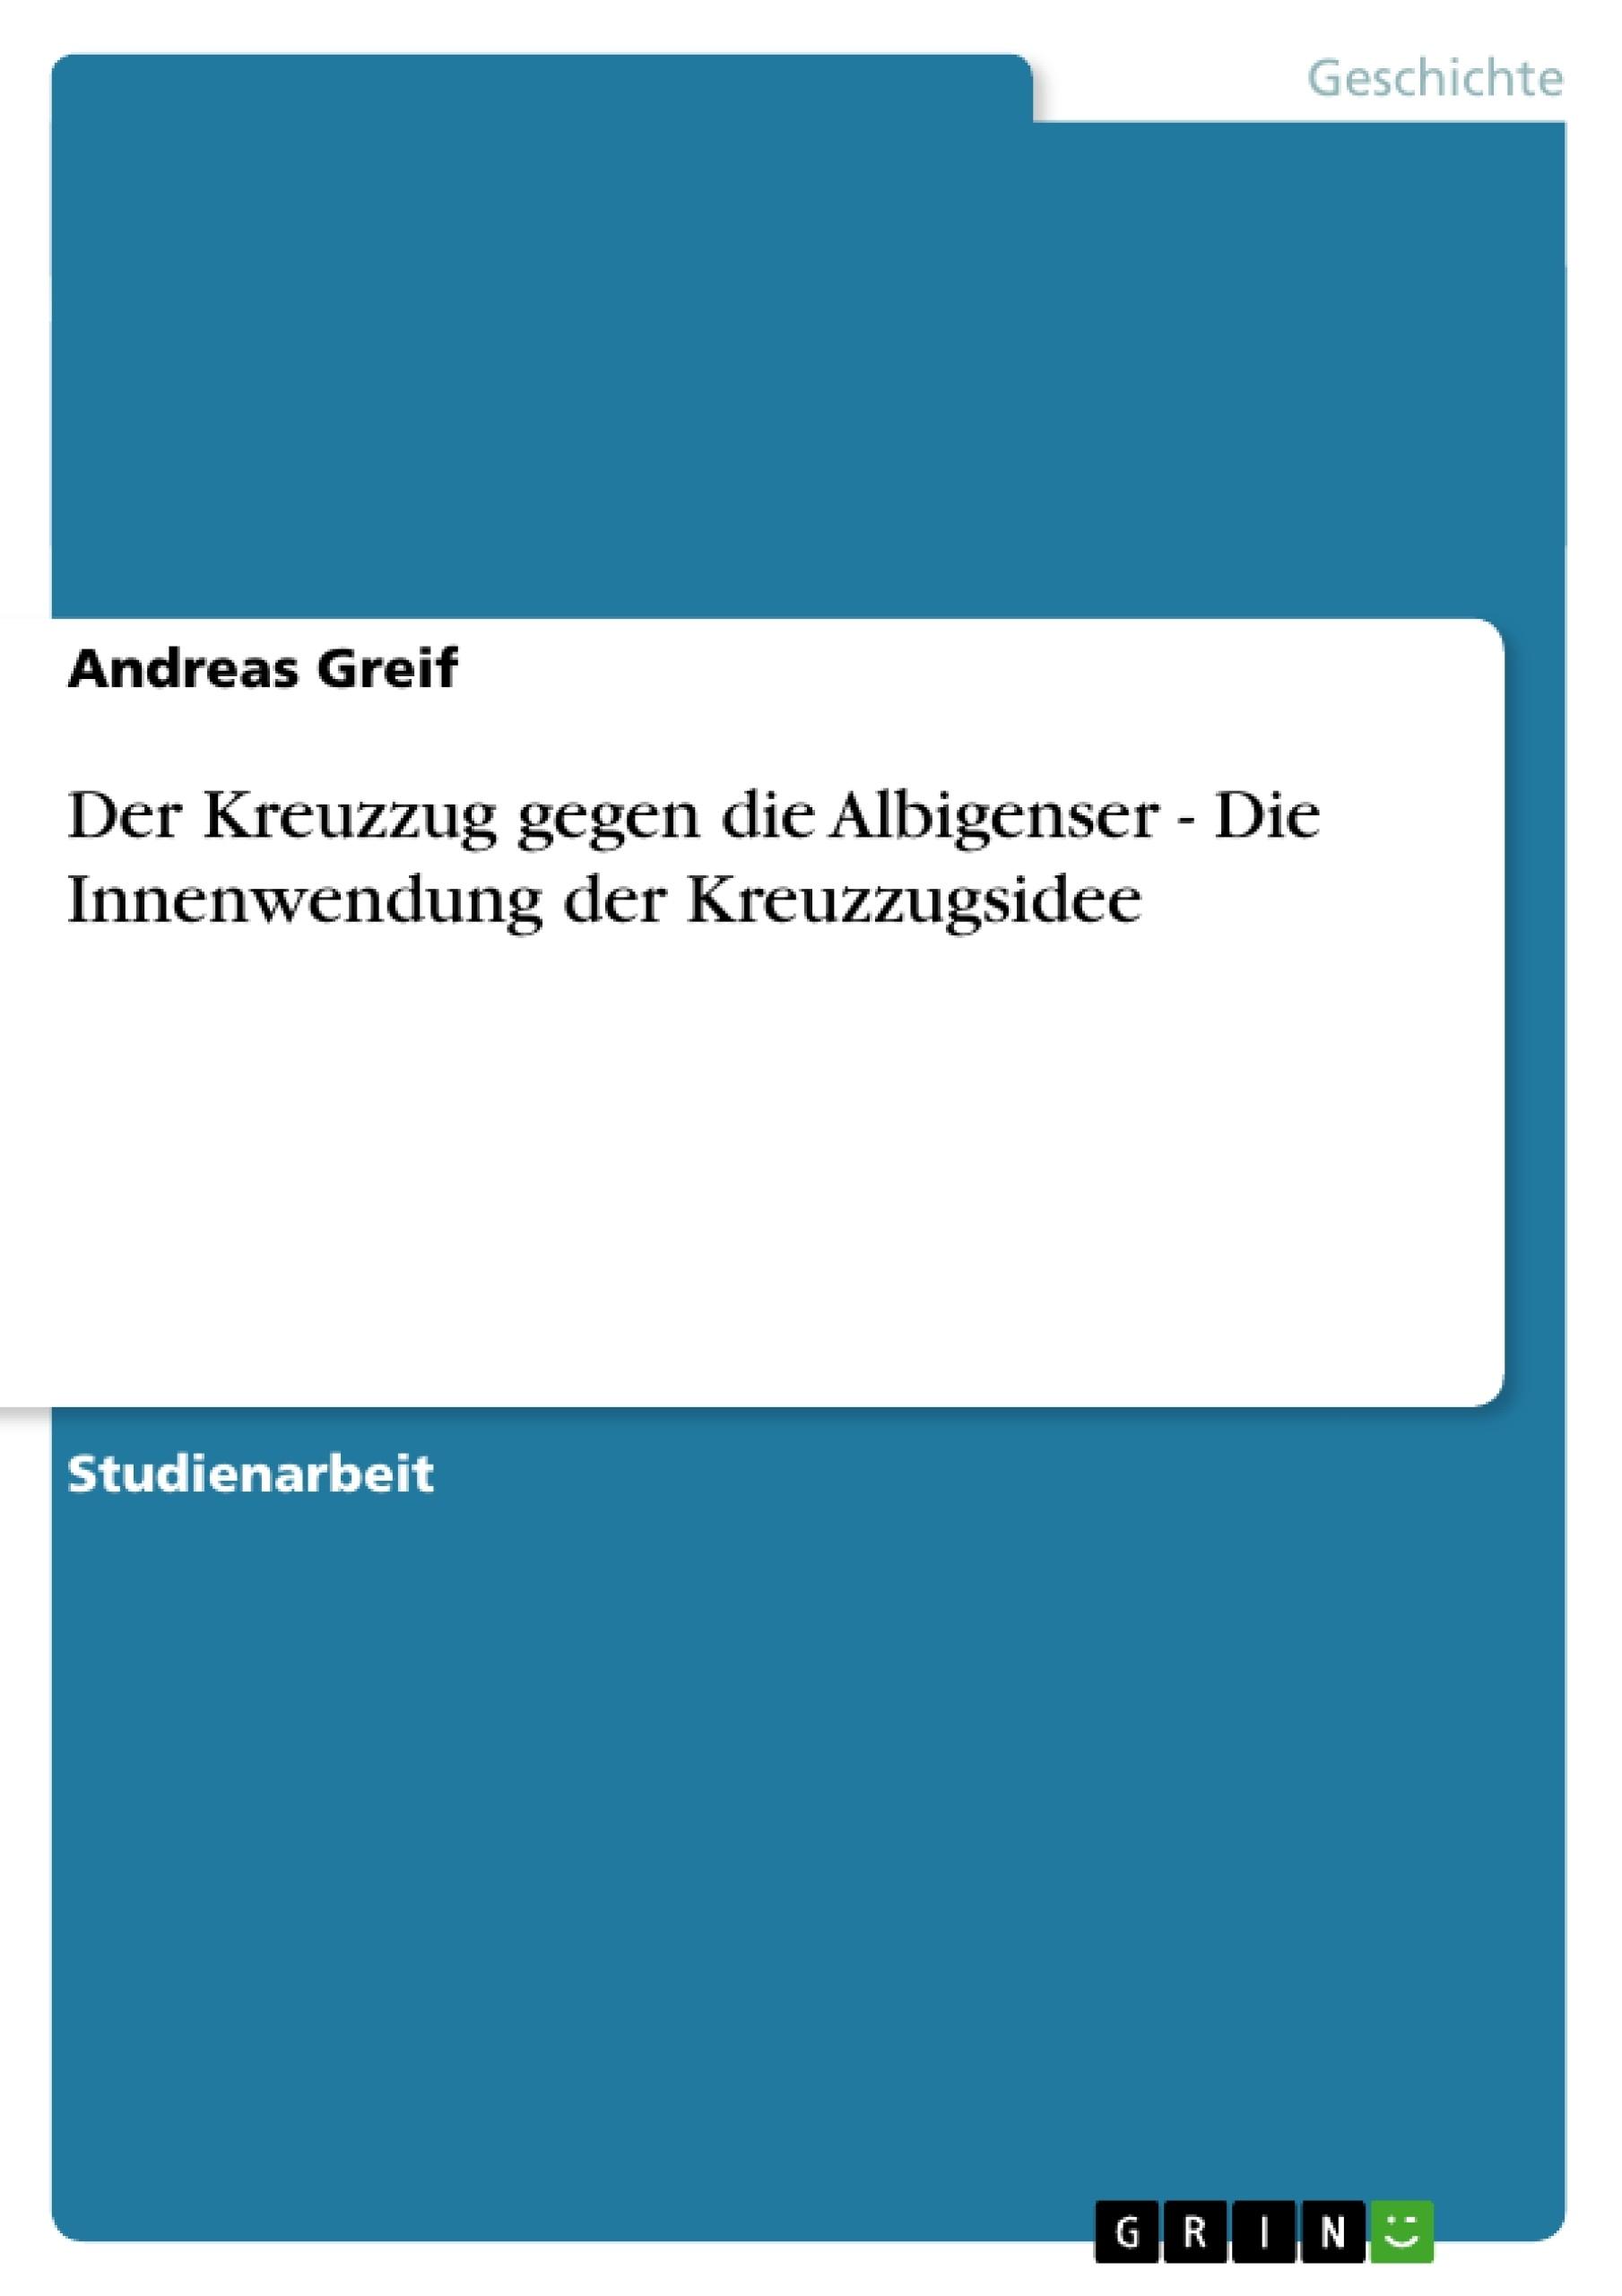 Titel: Der Kreuzzug gegen die Albigenser - Die Innenwendung der Kreuzzugsidee